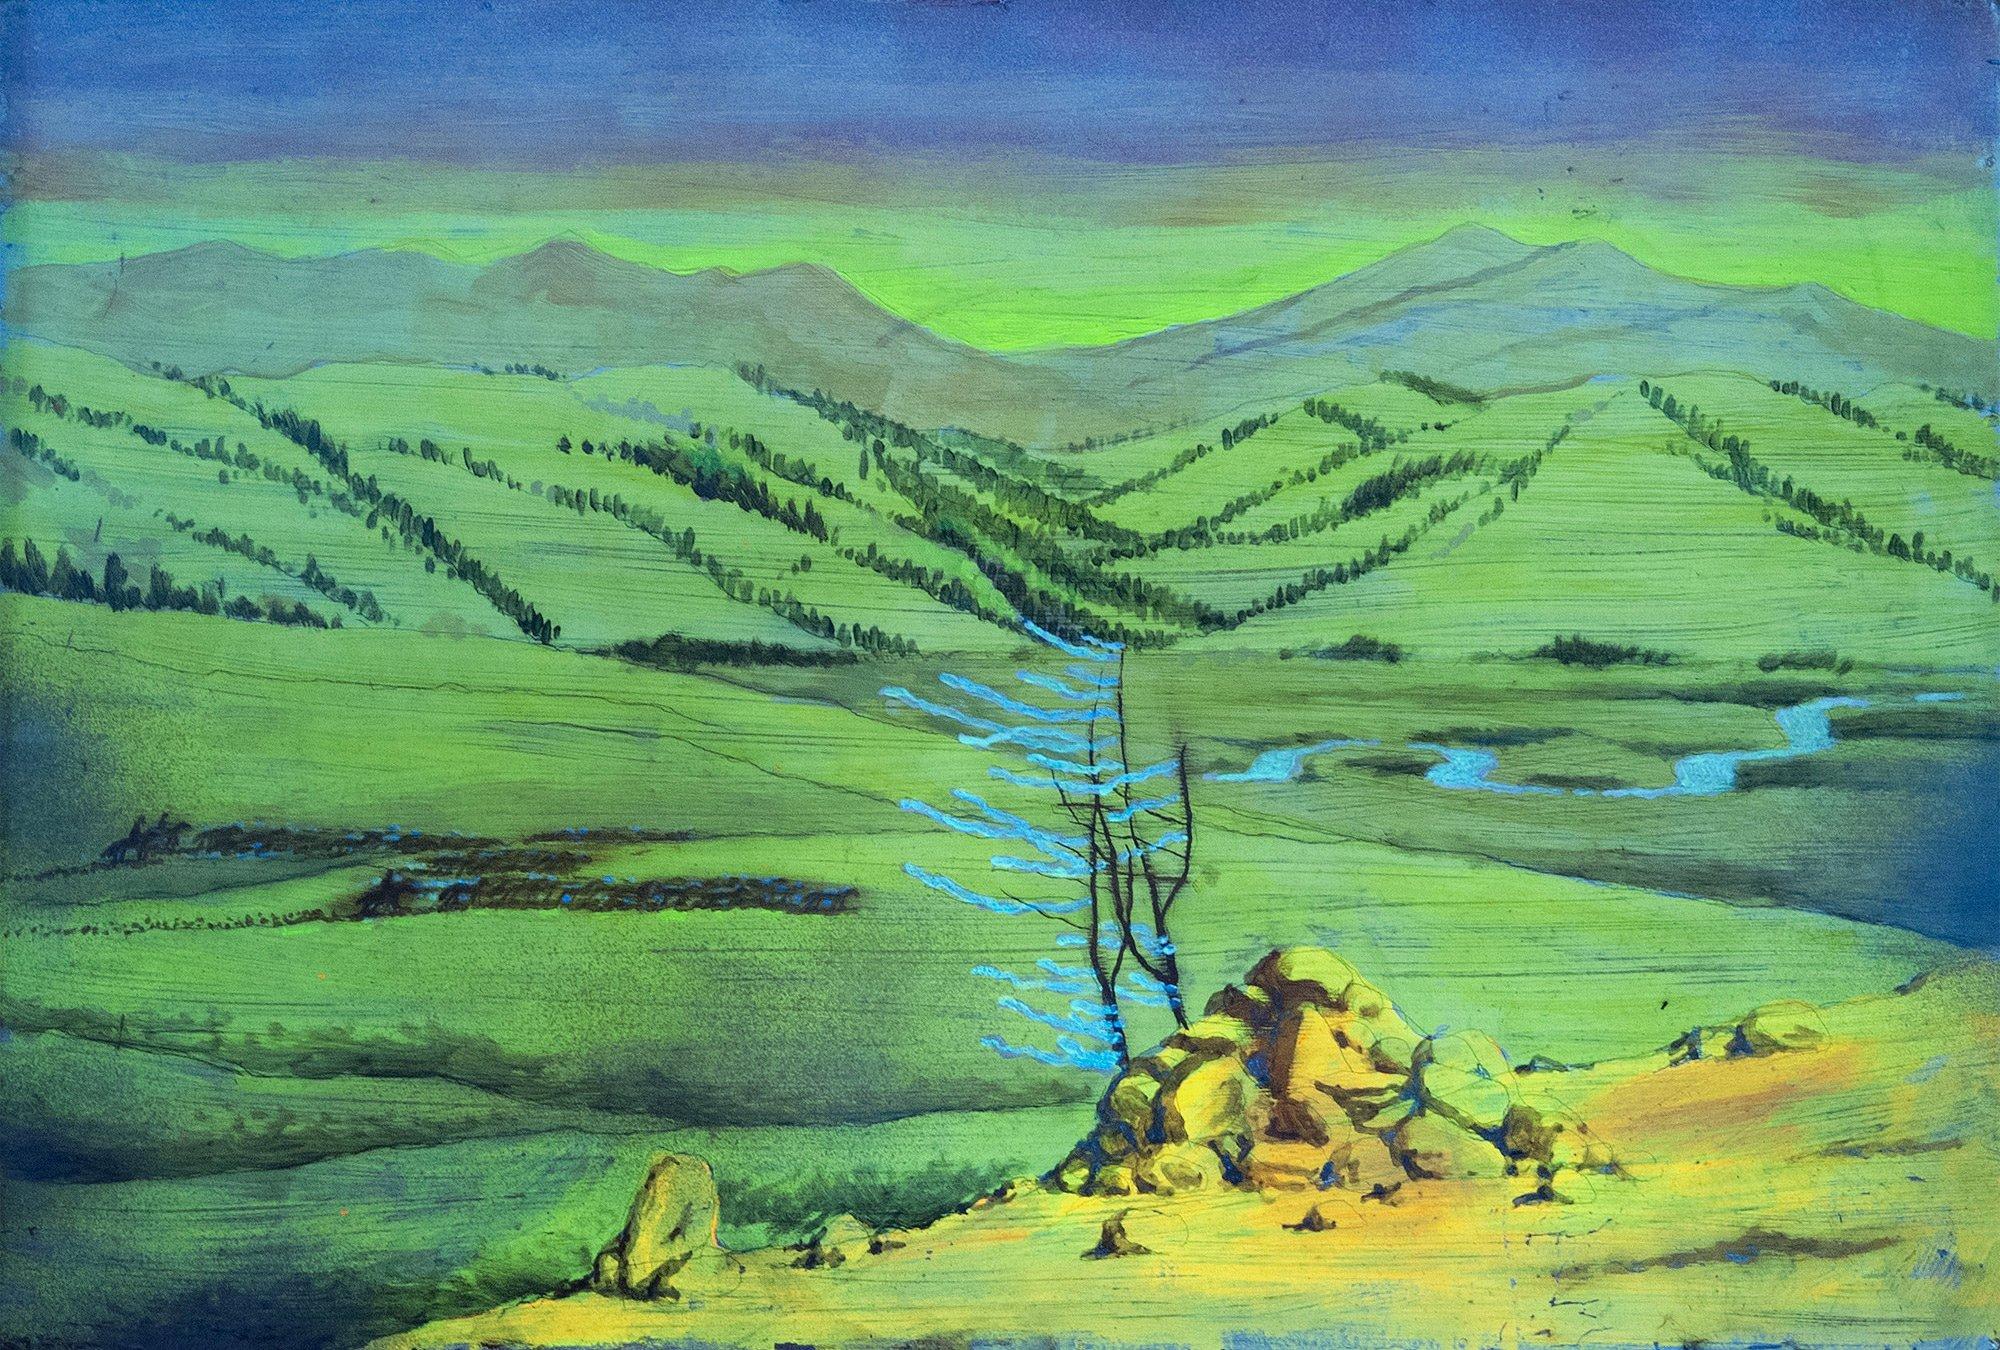 Художественная выставка «Арт-мост 2015. 10 художников Казани. Мы разные…»